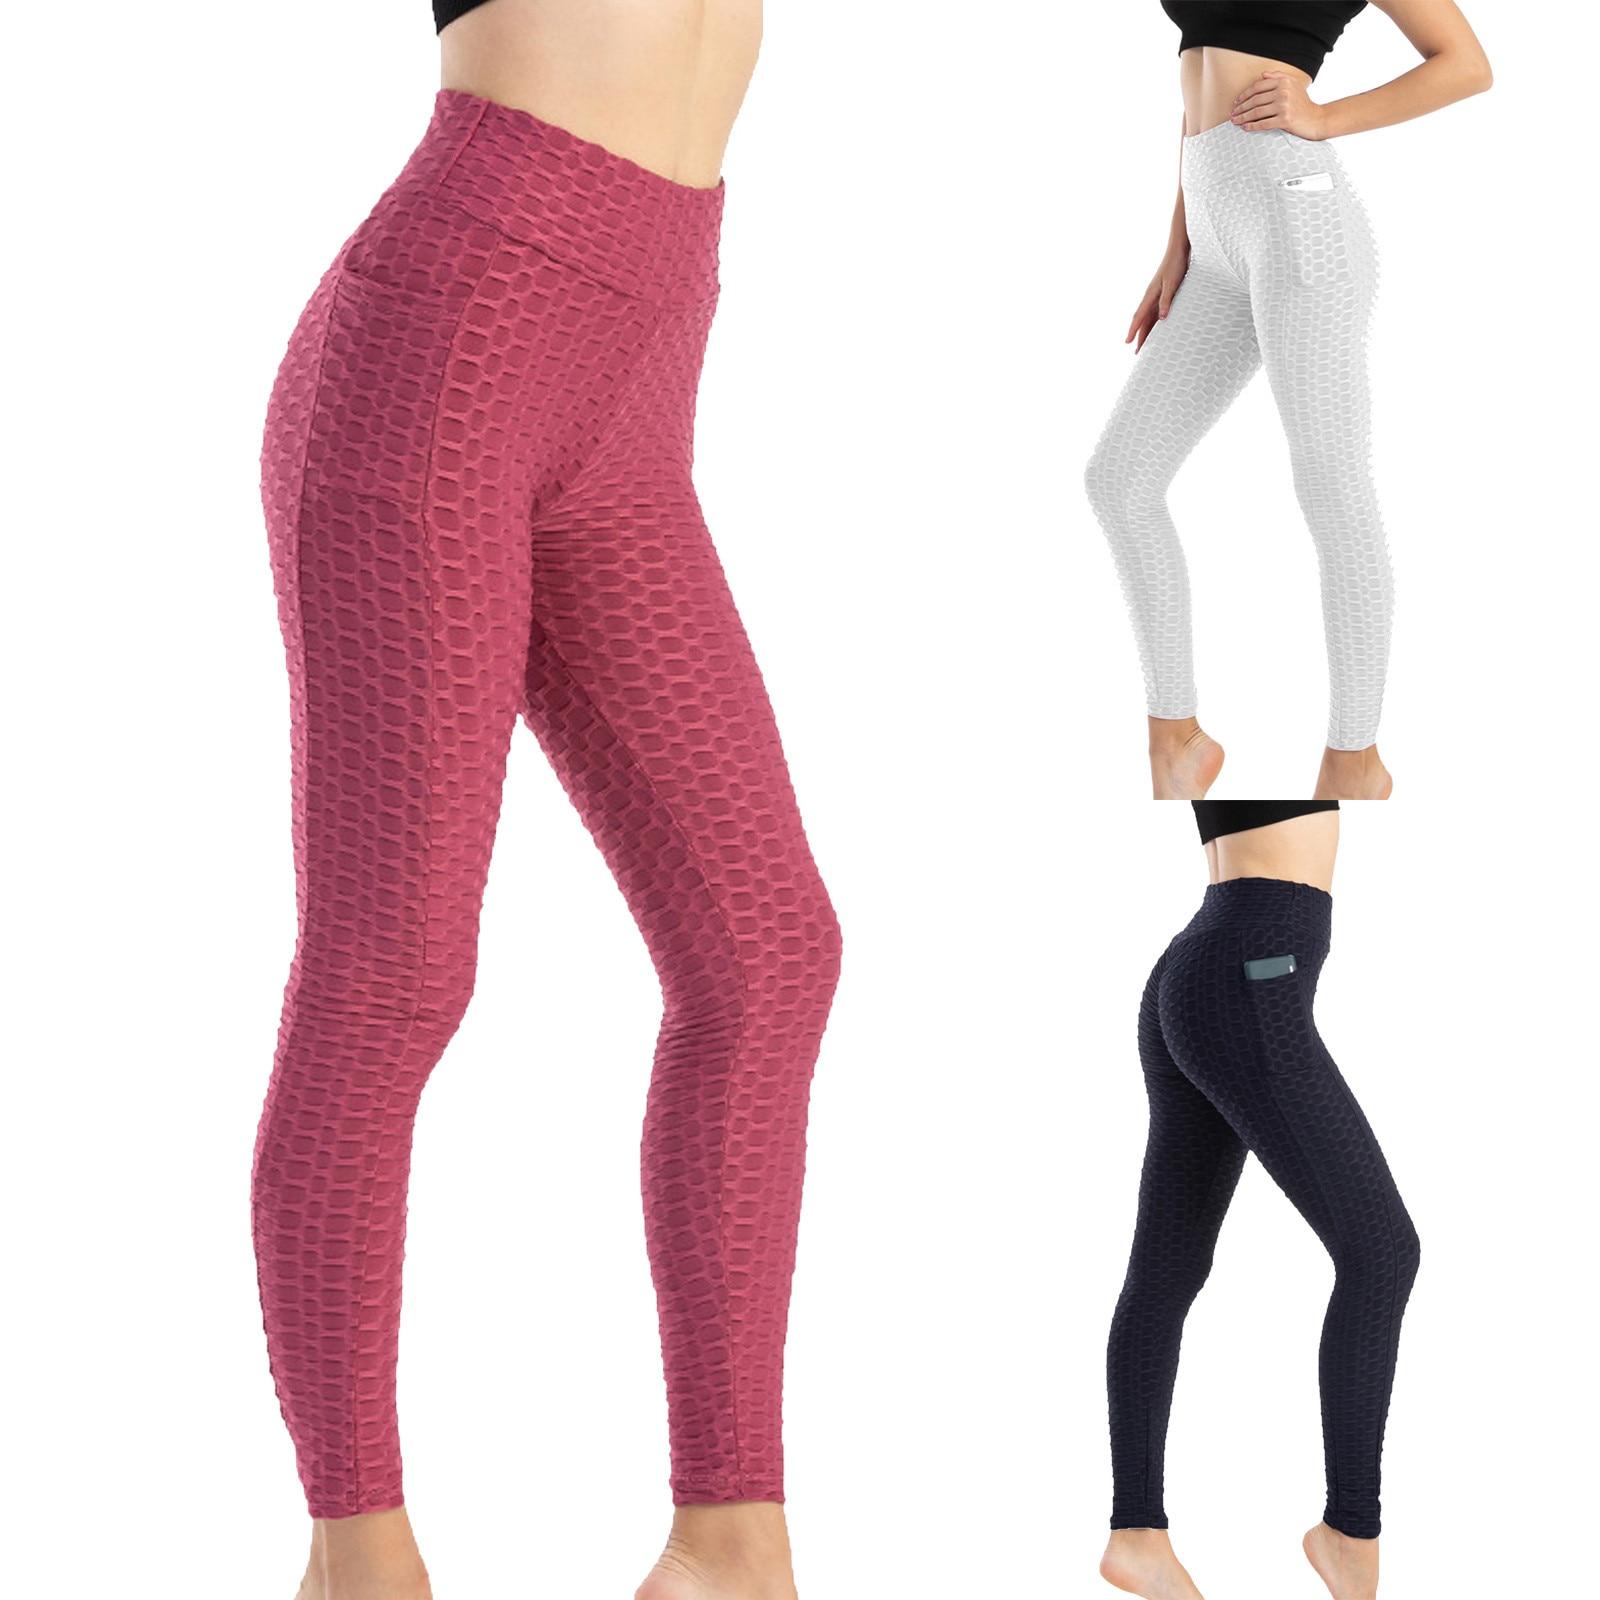 Бесшовные леггинсы с высокой талией, леггинсы с эффектом пуш-ап, спортивные женские штаны для фитнеса, бега, йоги, энергетические эластичные...